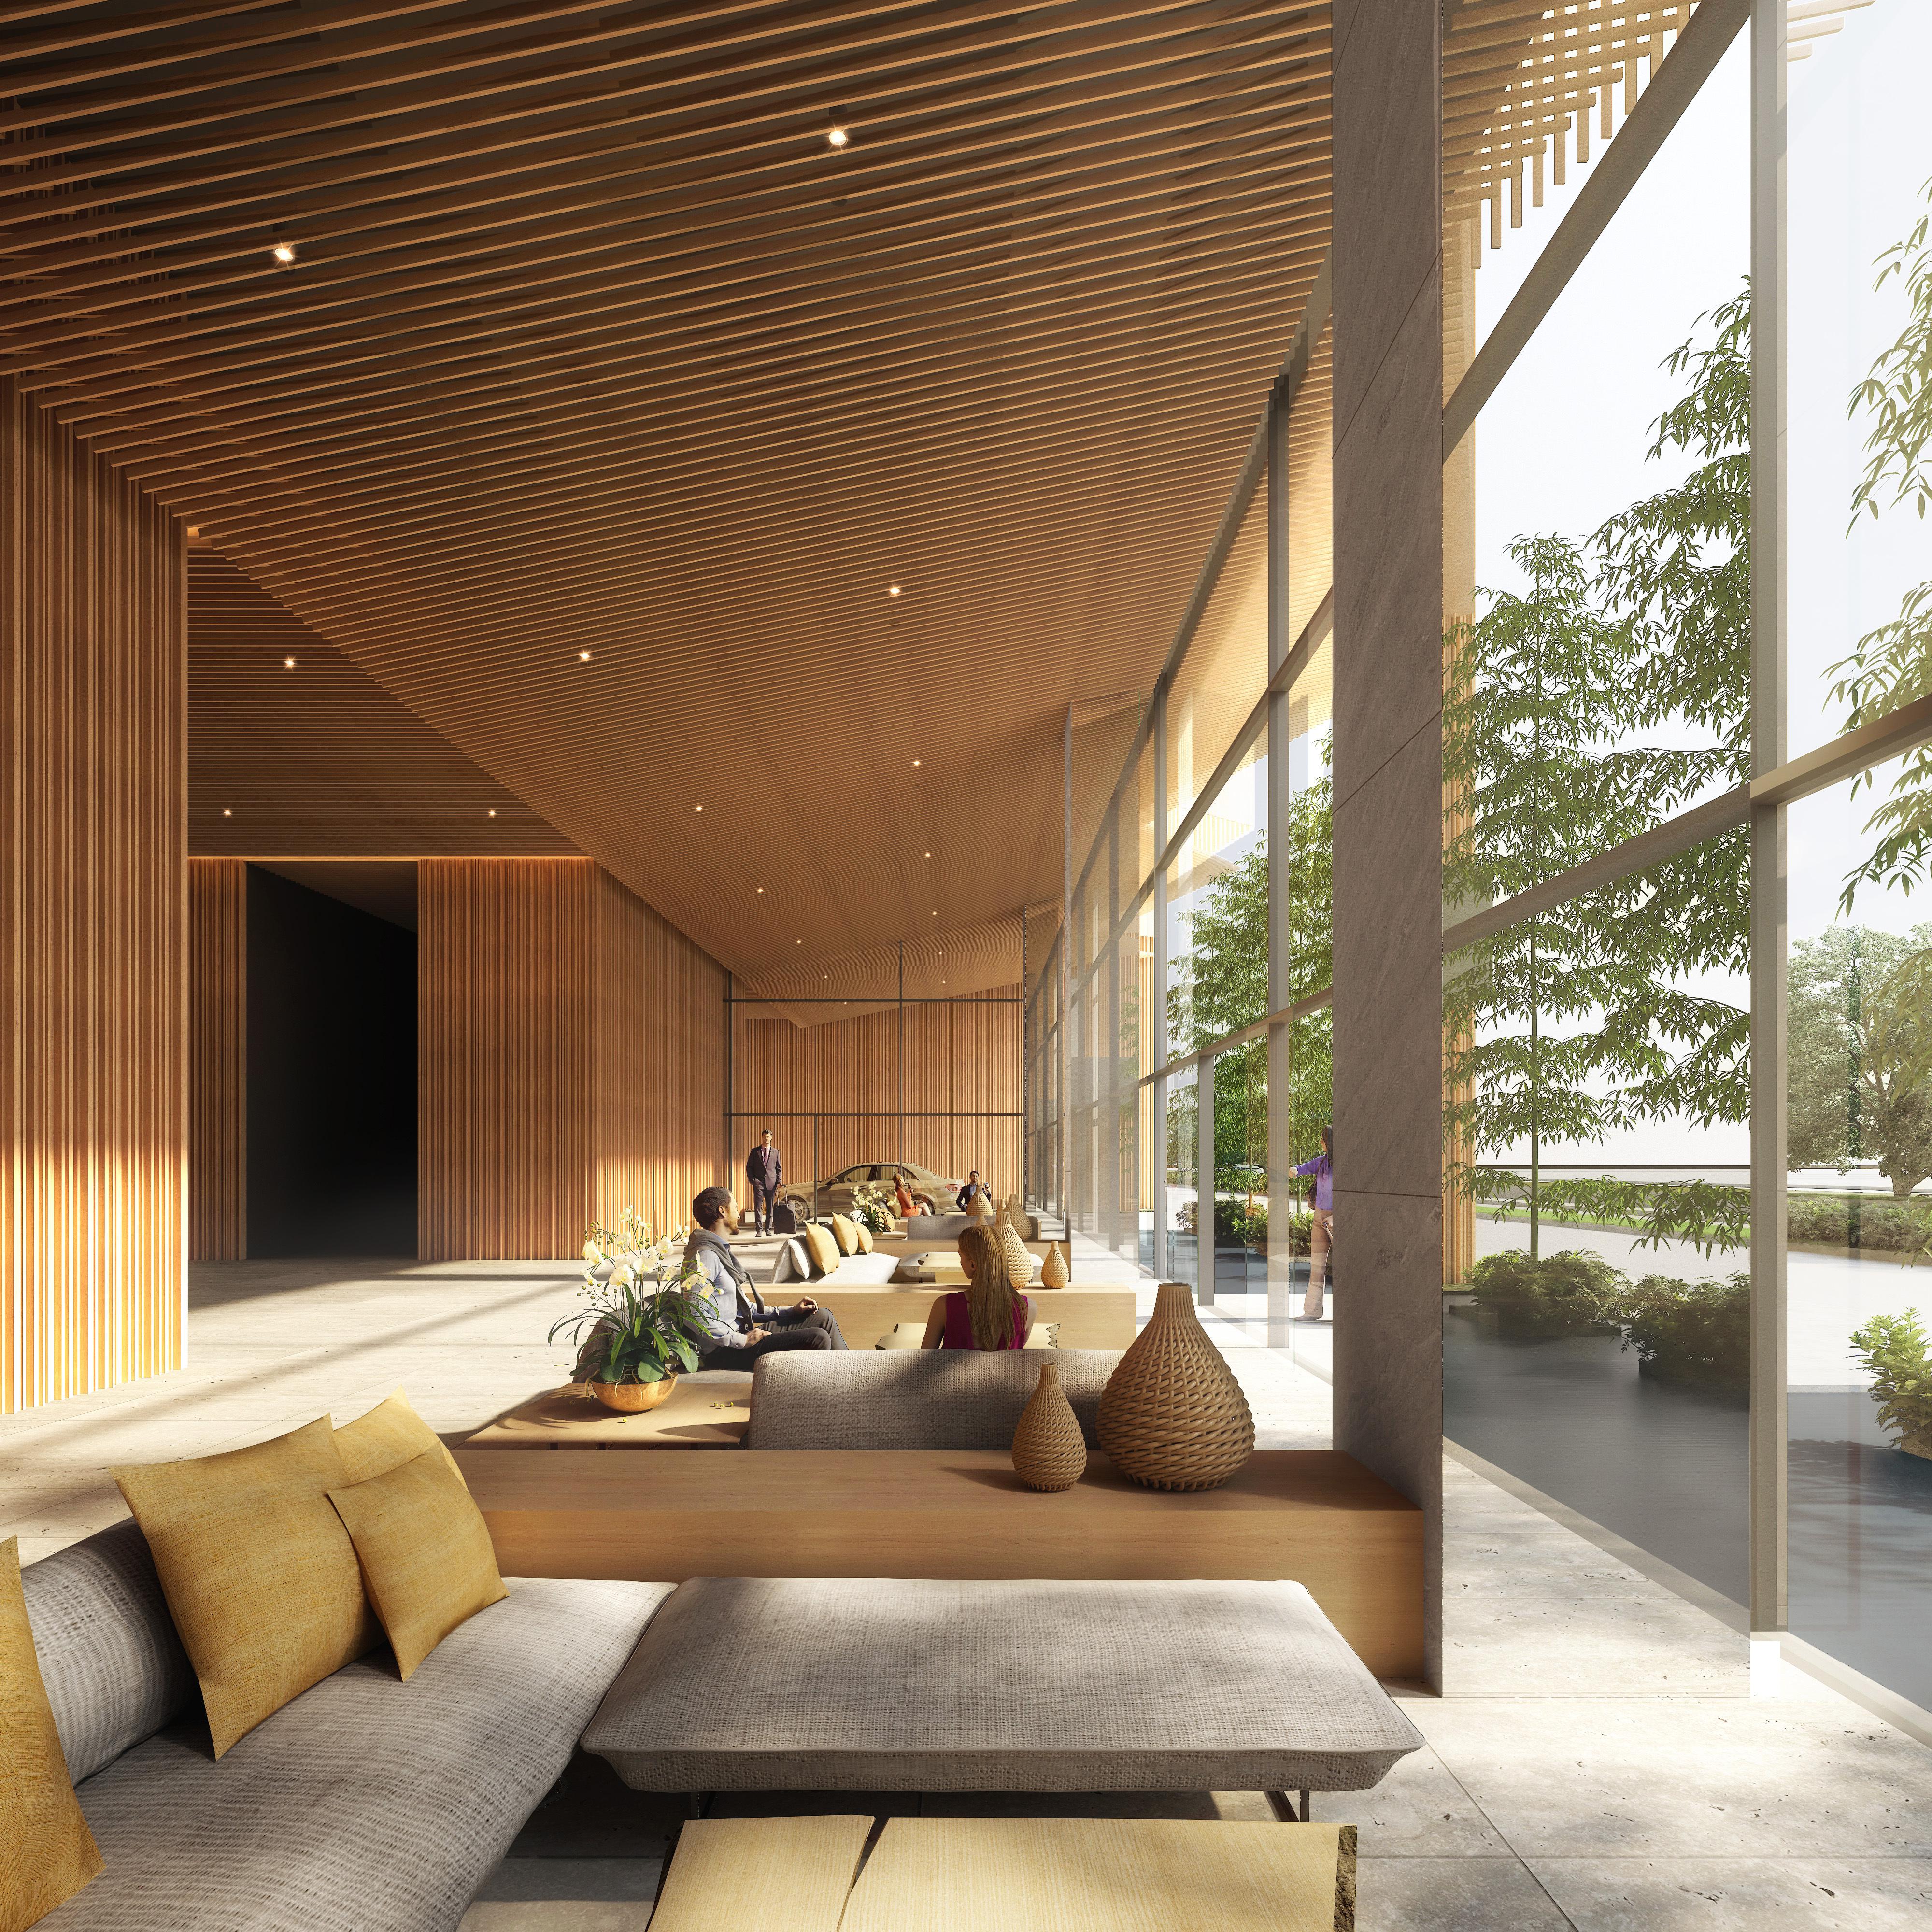 Hyatt Announces Plans for Hyatt Centric Kota Kinabalu